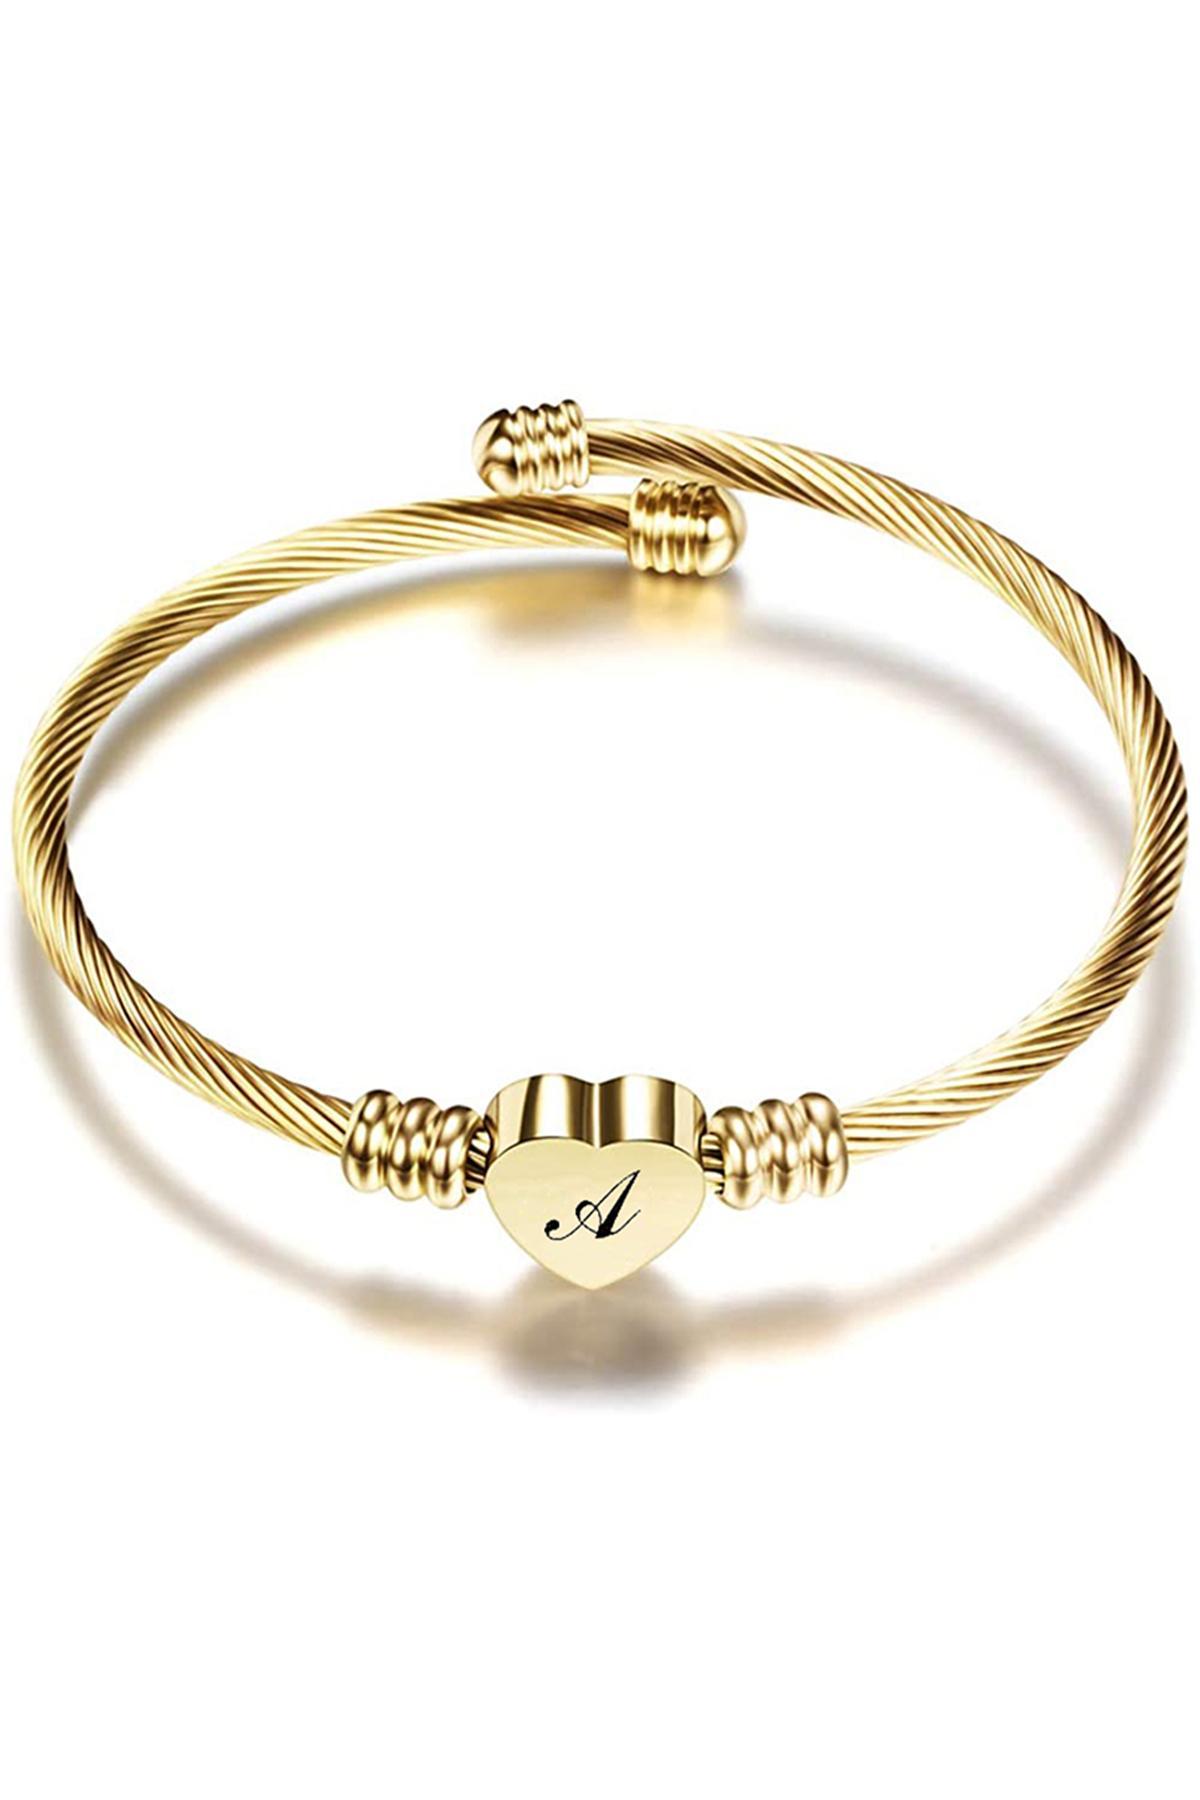 Bracelets Accessoires Or CERAMIK BRACELET A #c eFashion Paris